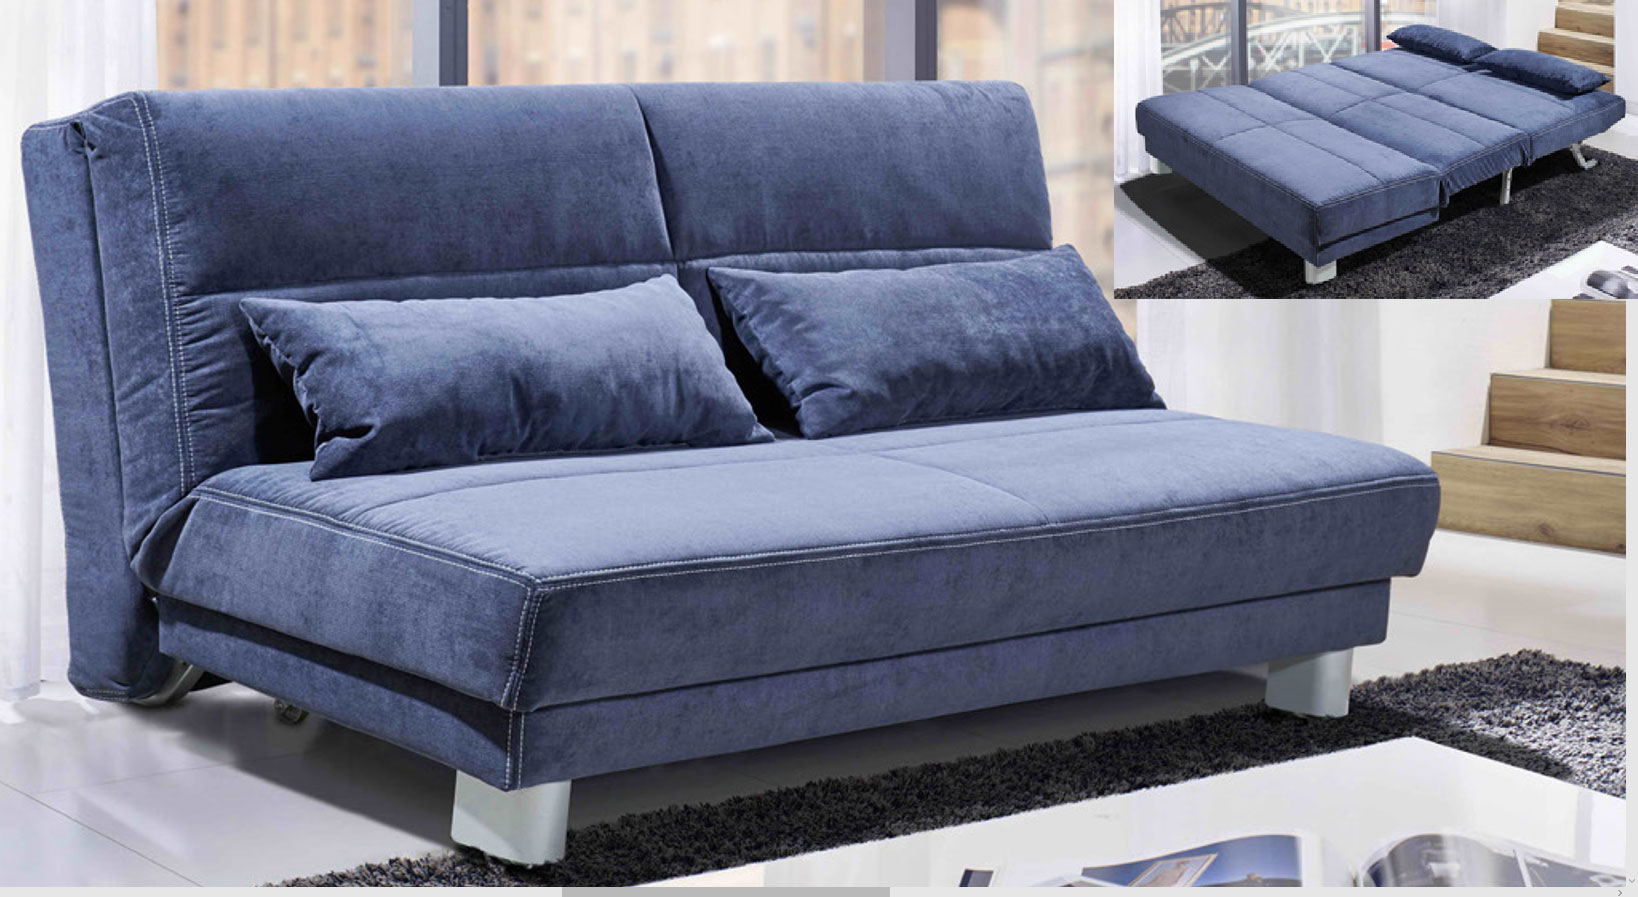 kinderzimmer kinderzimmerm bel g nstig online kaufen. Black Bedroom Furniture Sets. Home Design Ideas